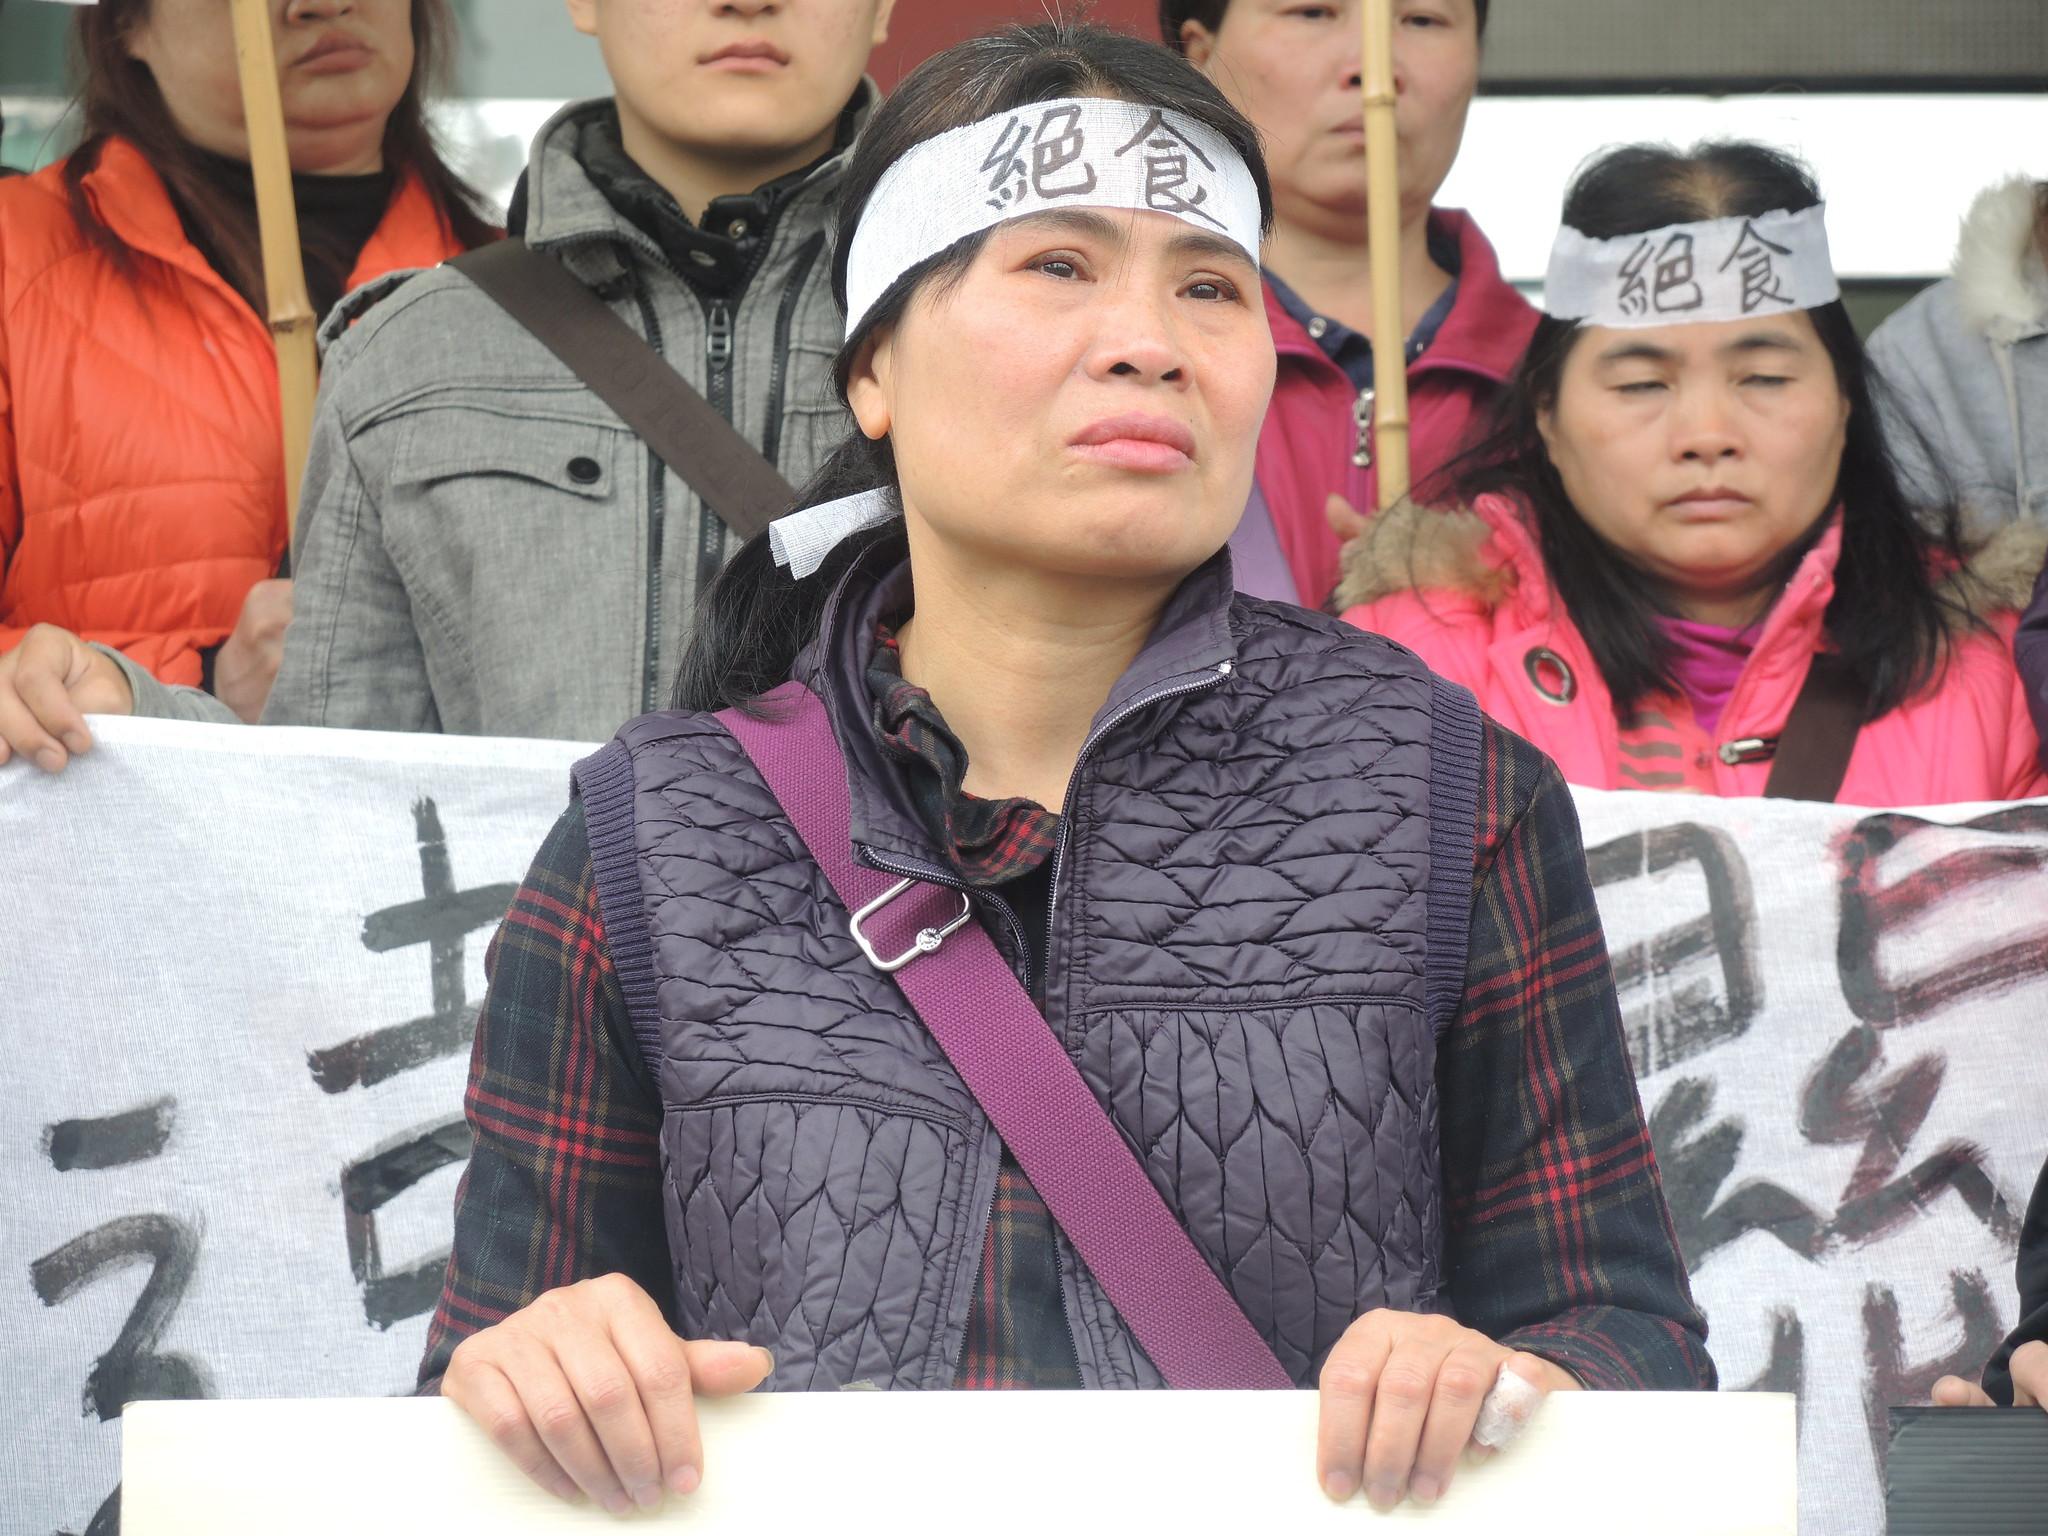 絕食工人之一羅逸榛,今年51歲,年資21年。(攝影:曾福全)